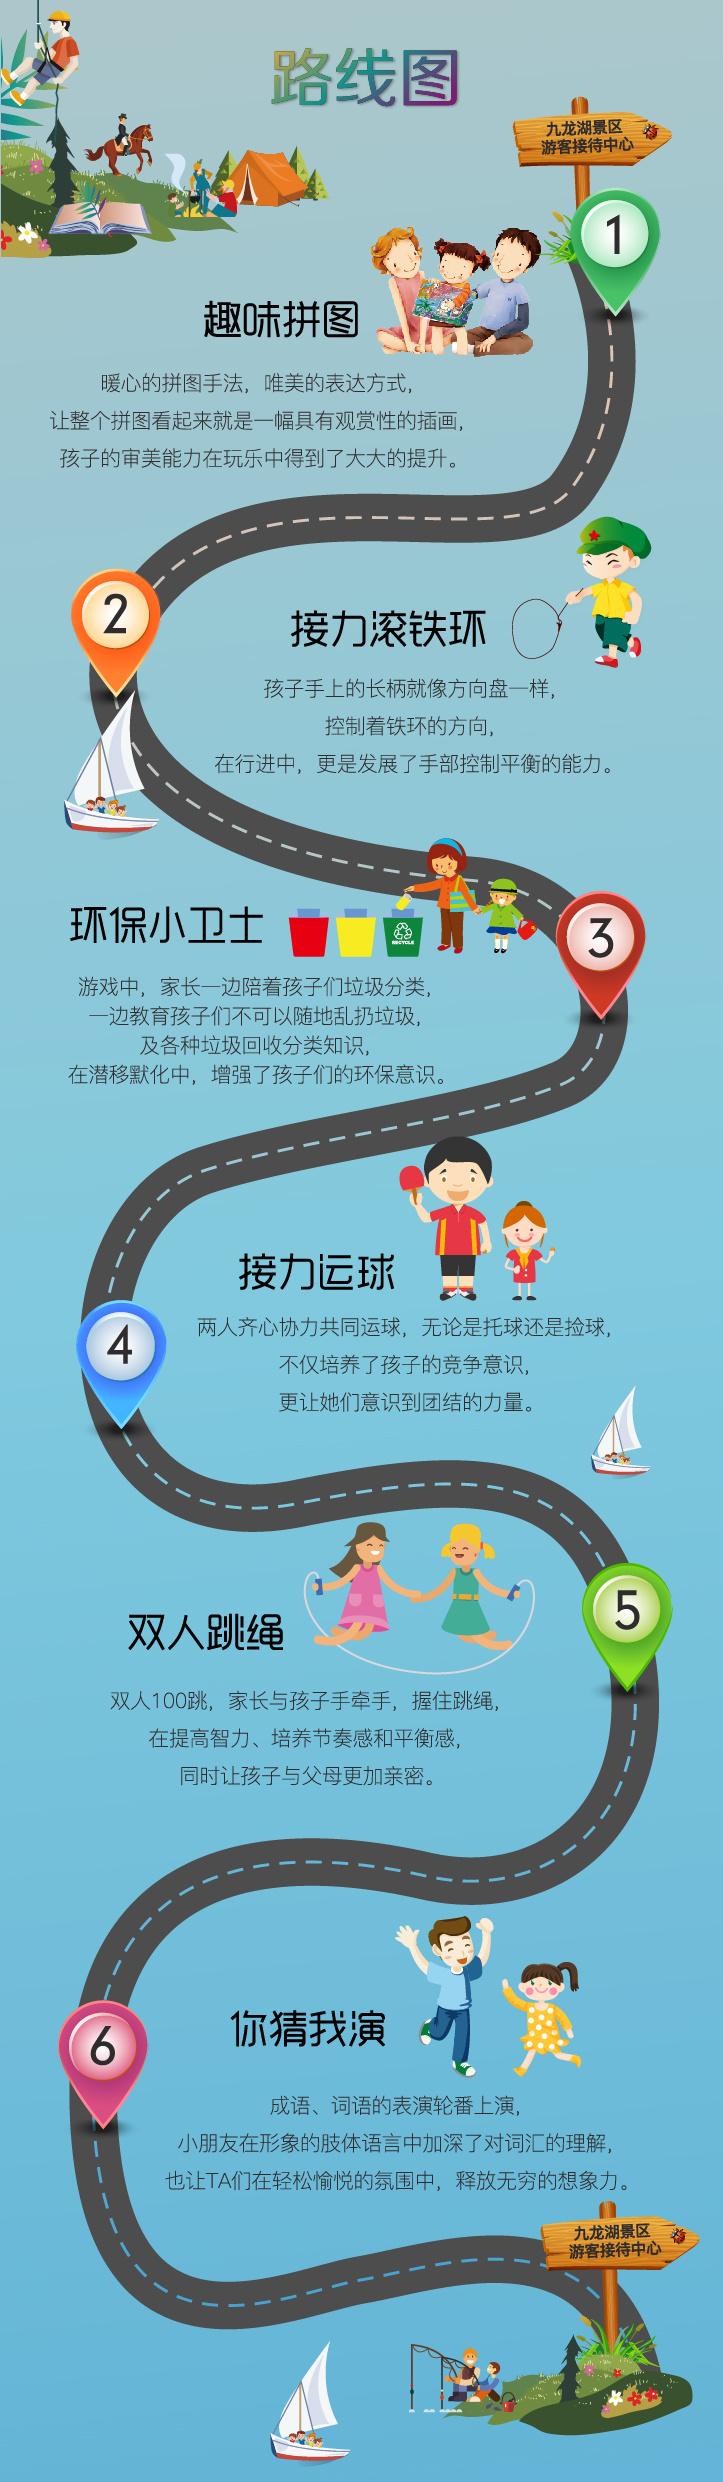 3小时体验式陪伴 给孩子的周末换种打开方式吧!